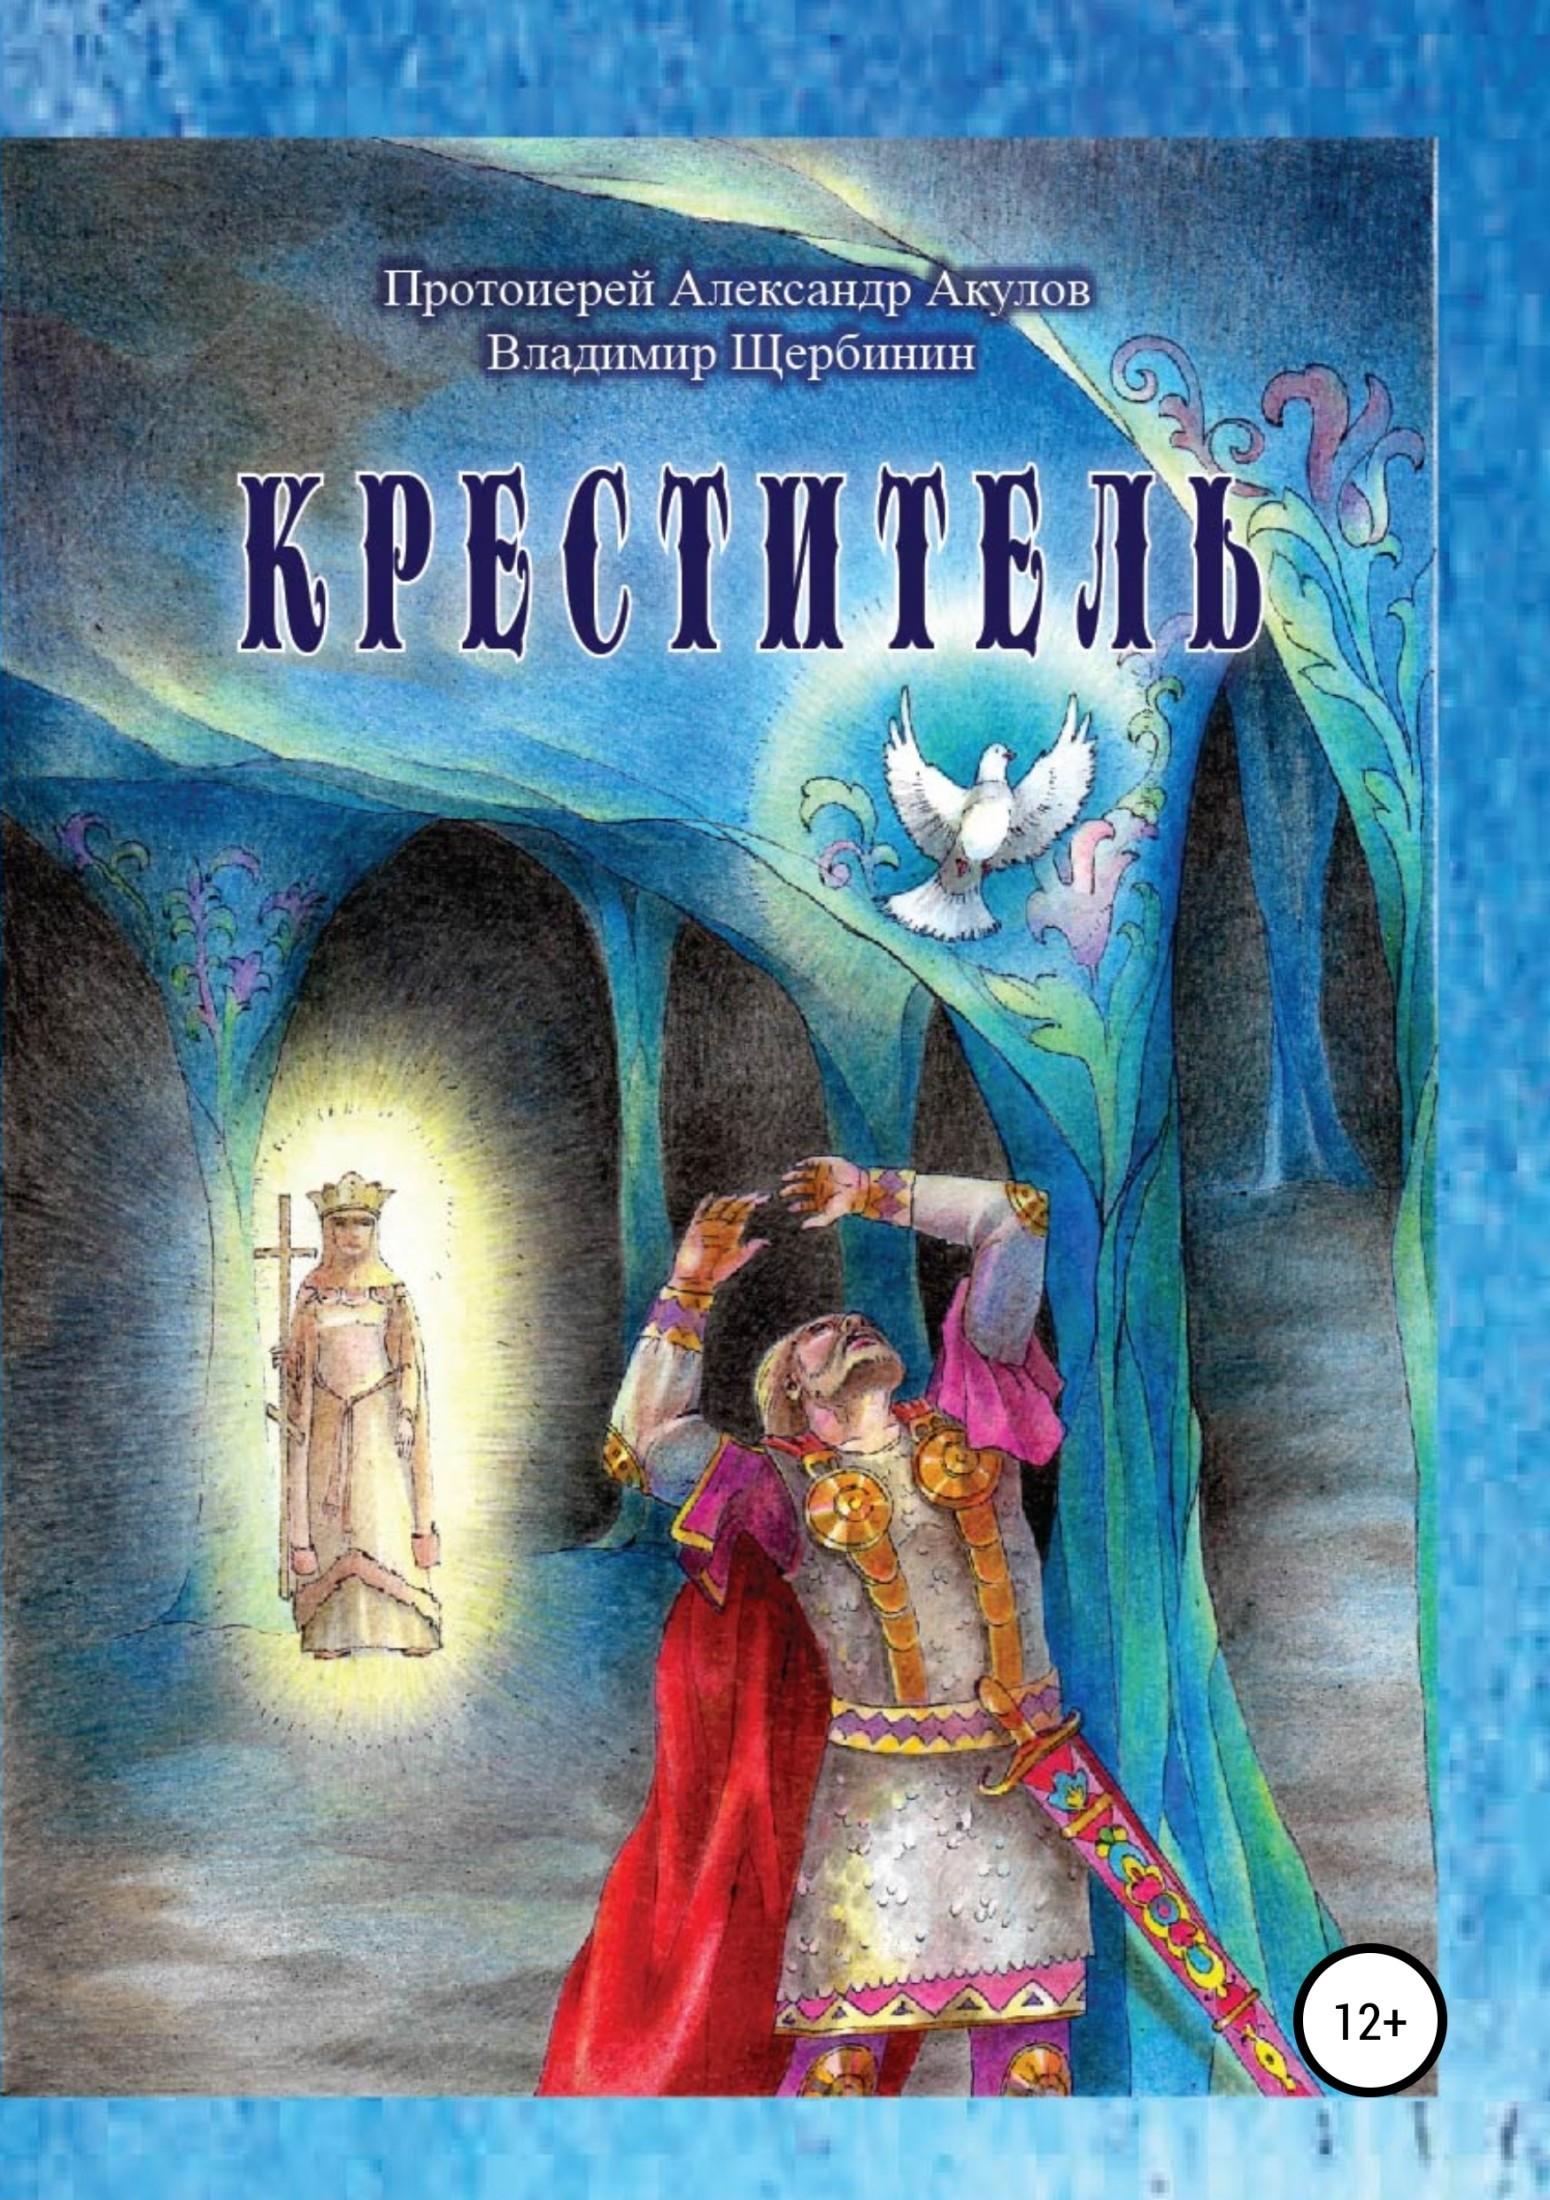 протоиерей Александр Акулов Креститель орлов александр владимирович креститель руси